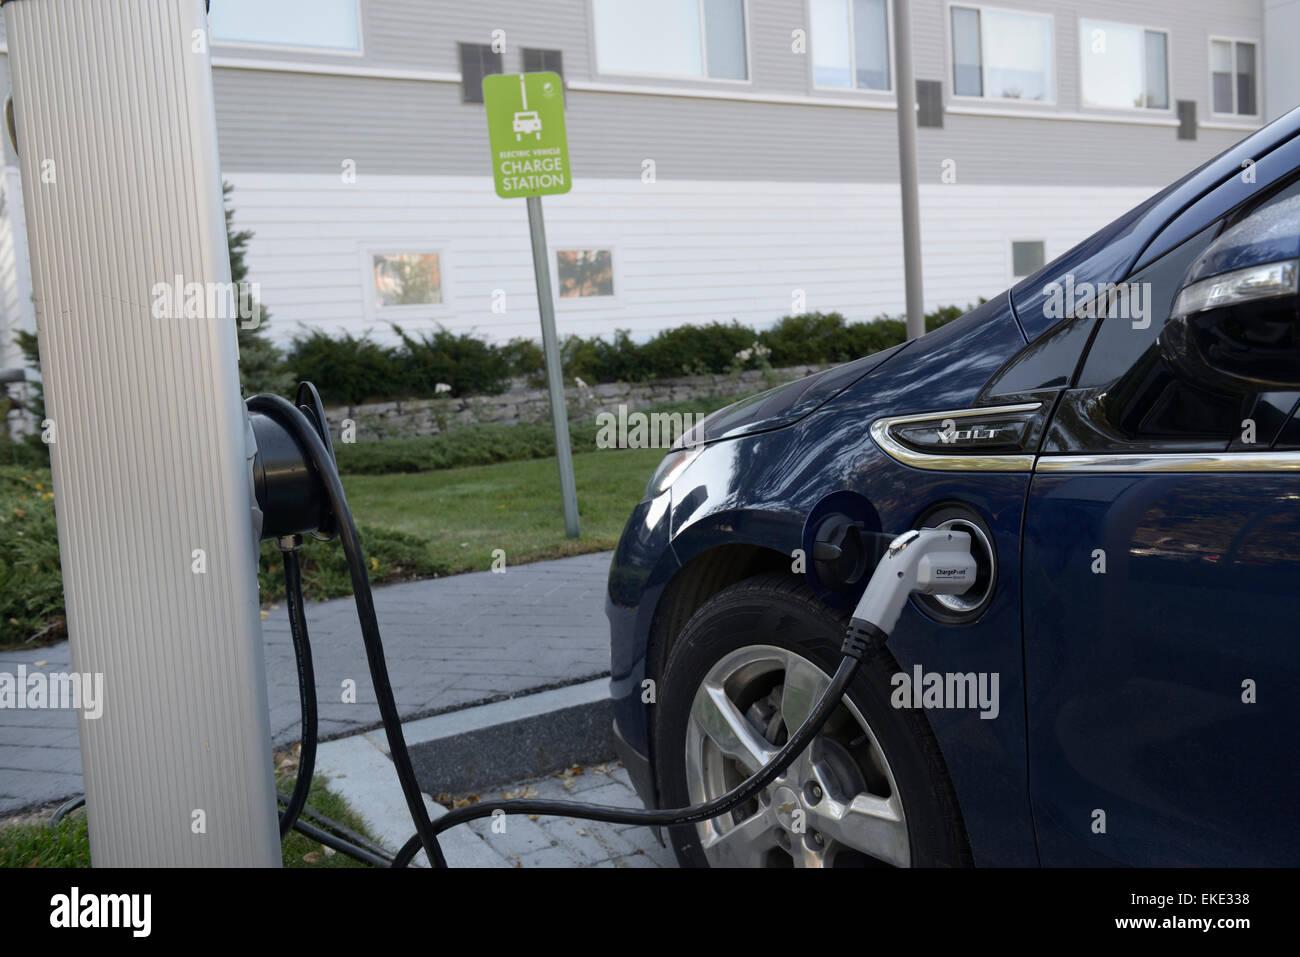 Carga de coches eléctricos en un estacionamiento del hotel estación de carga Imagen De Stock